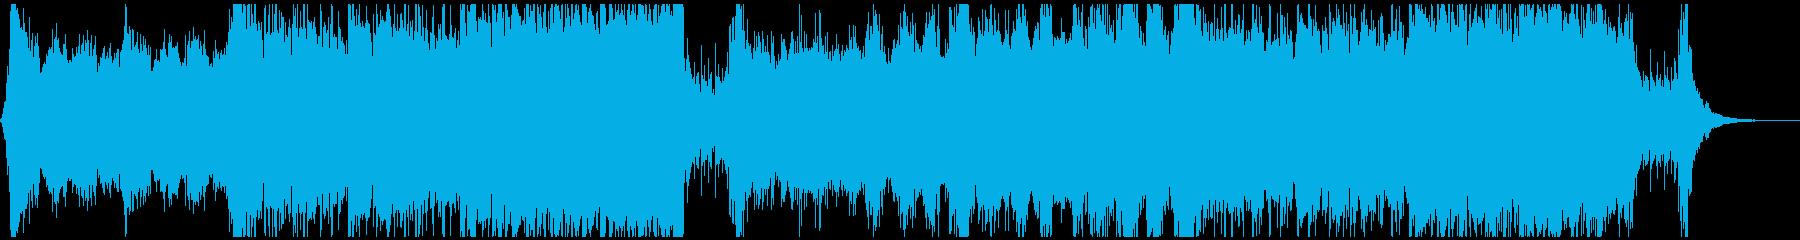 モチベーションを上げるオーケストラの再生済みの波形